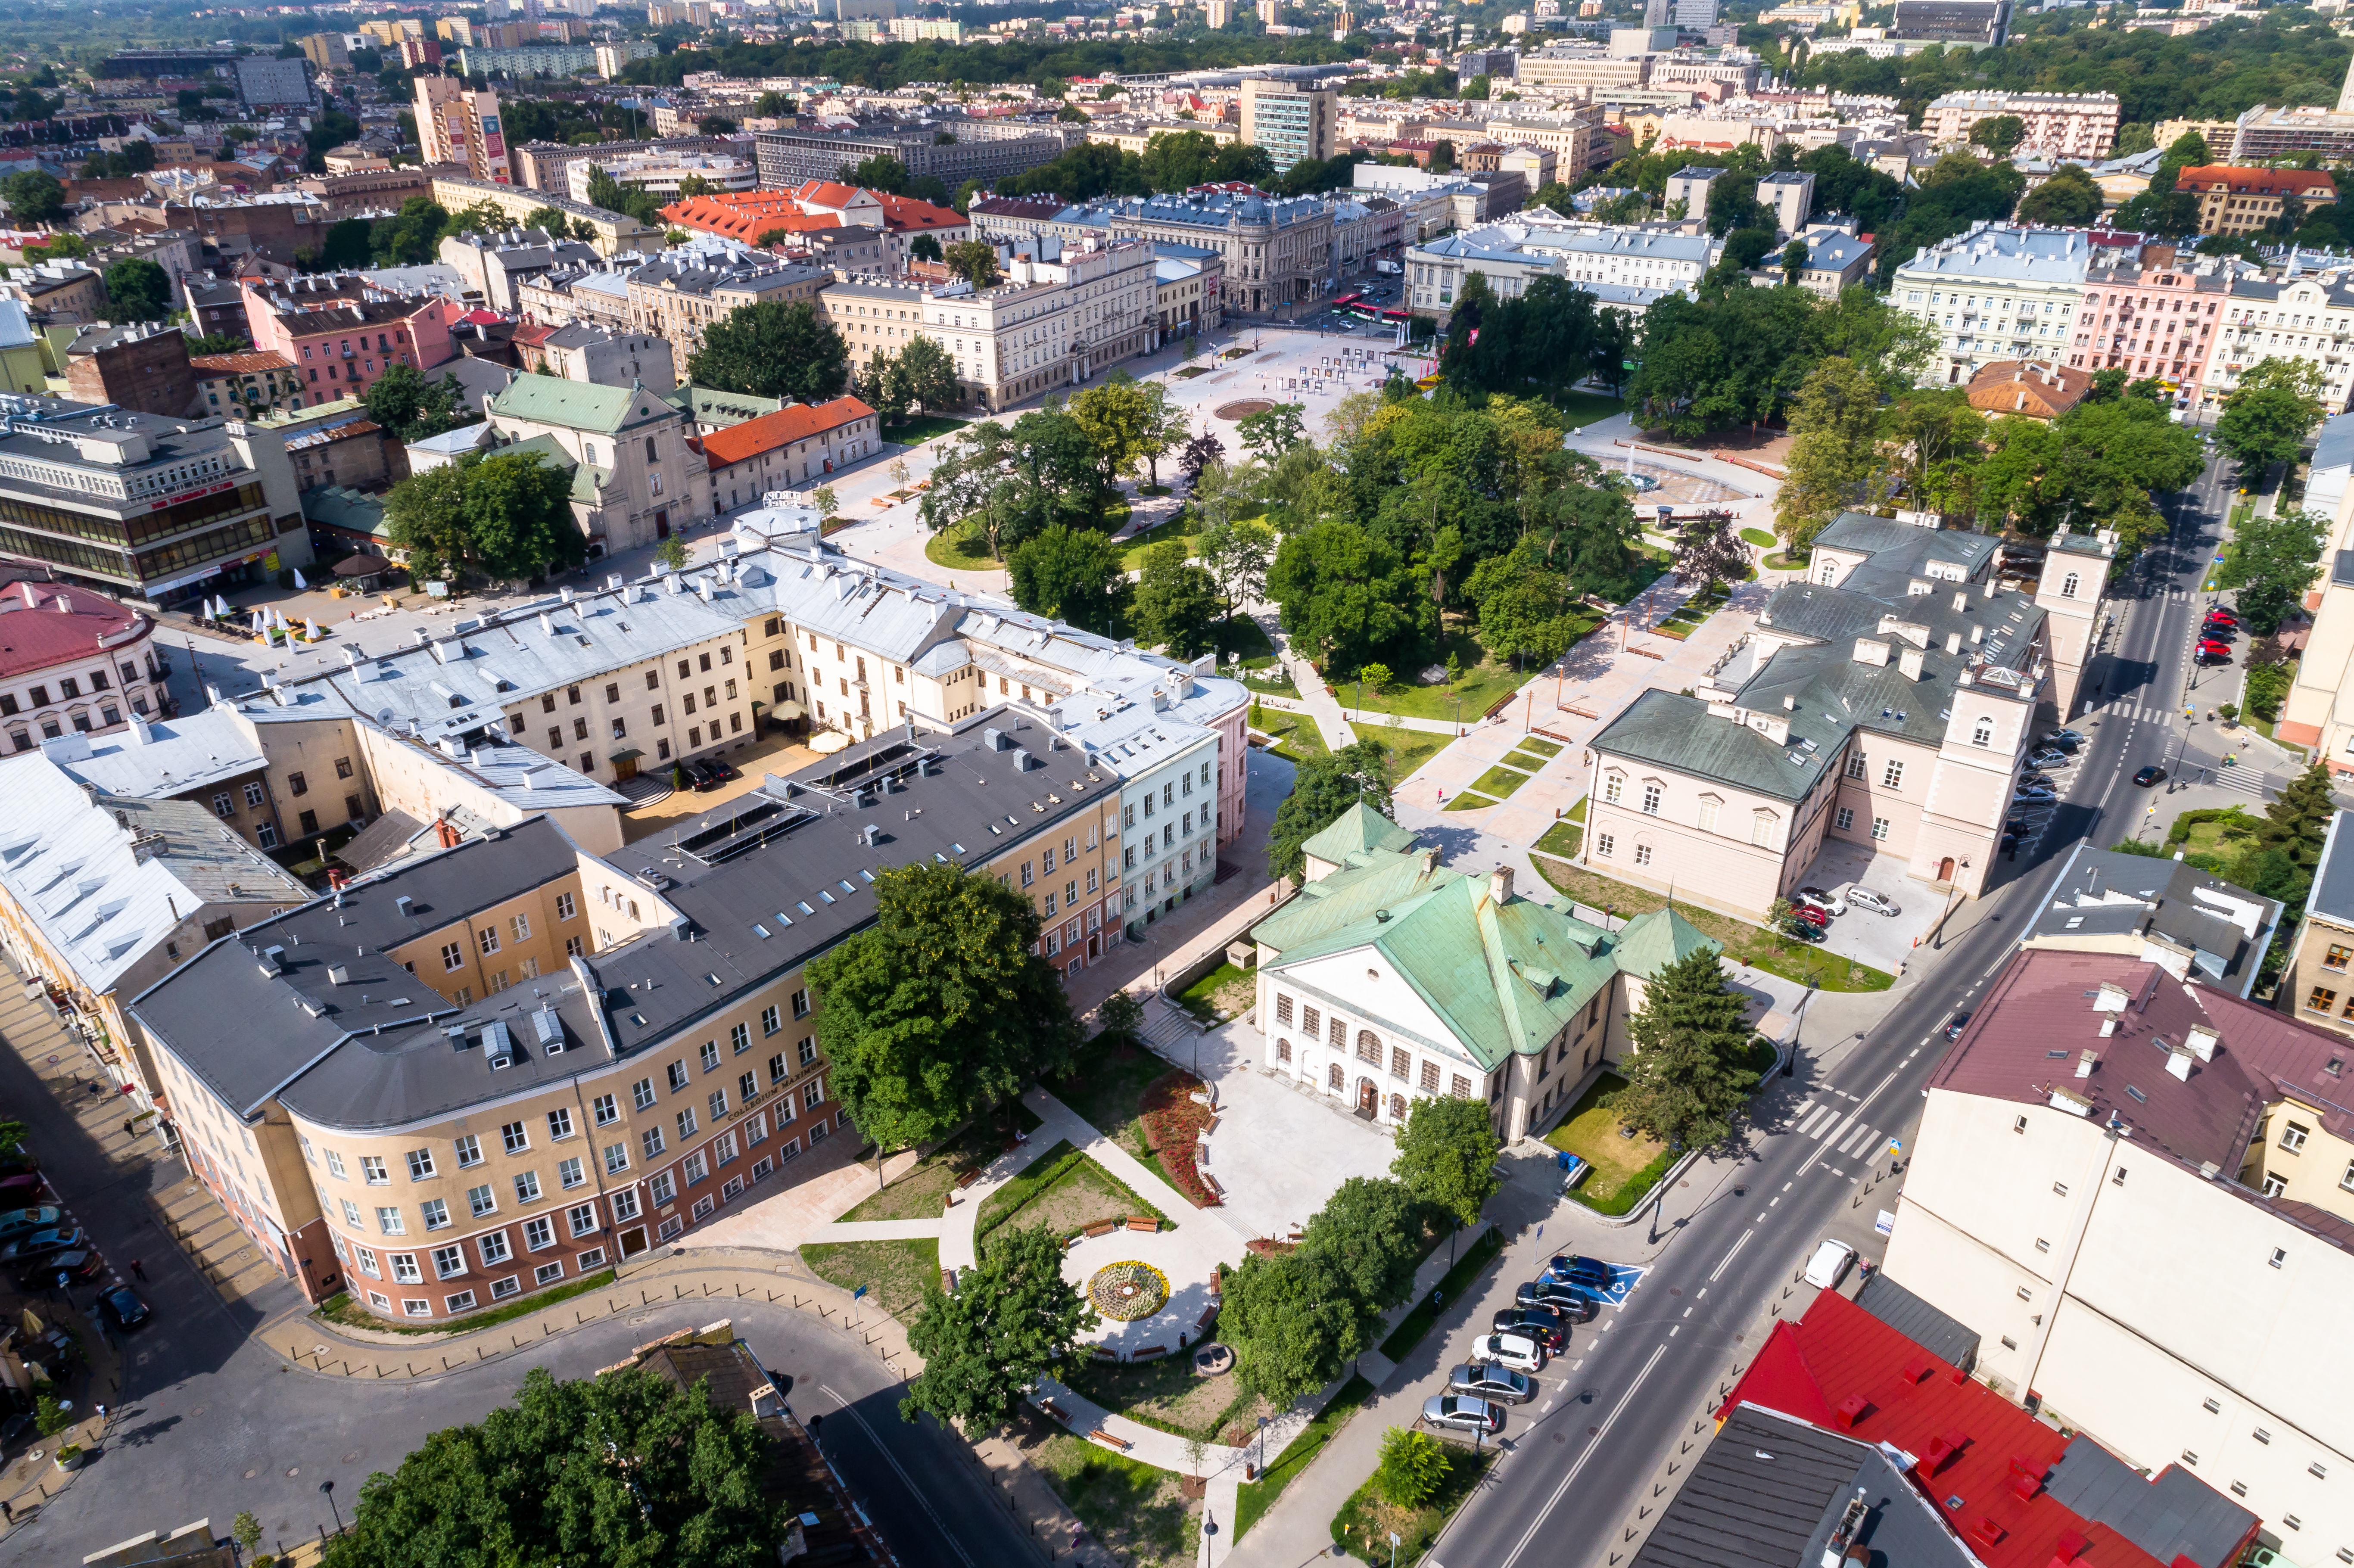 Tak zbudowaliśmy i będziemy budować województwo lubelskie